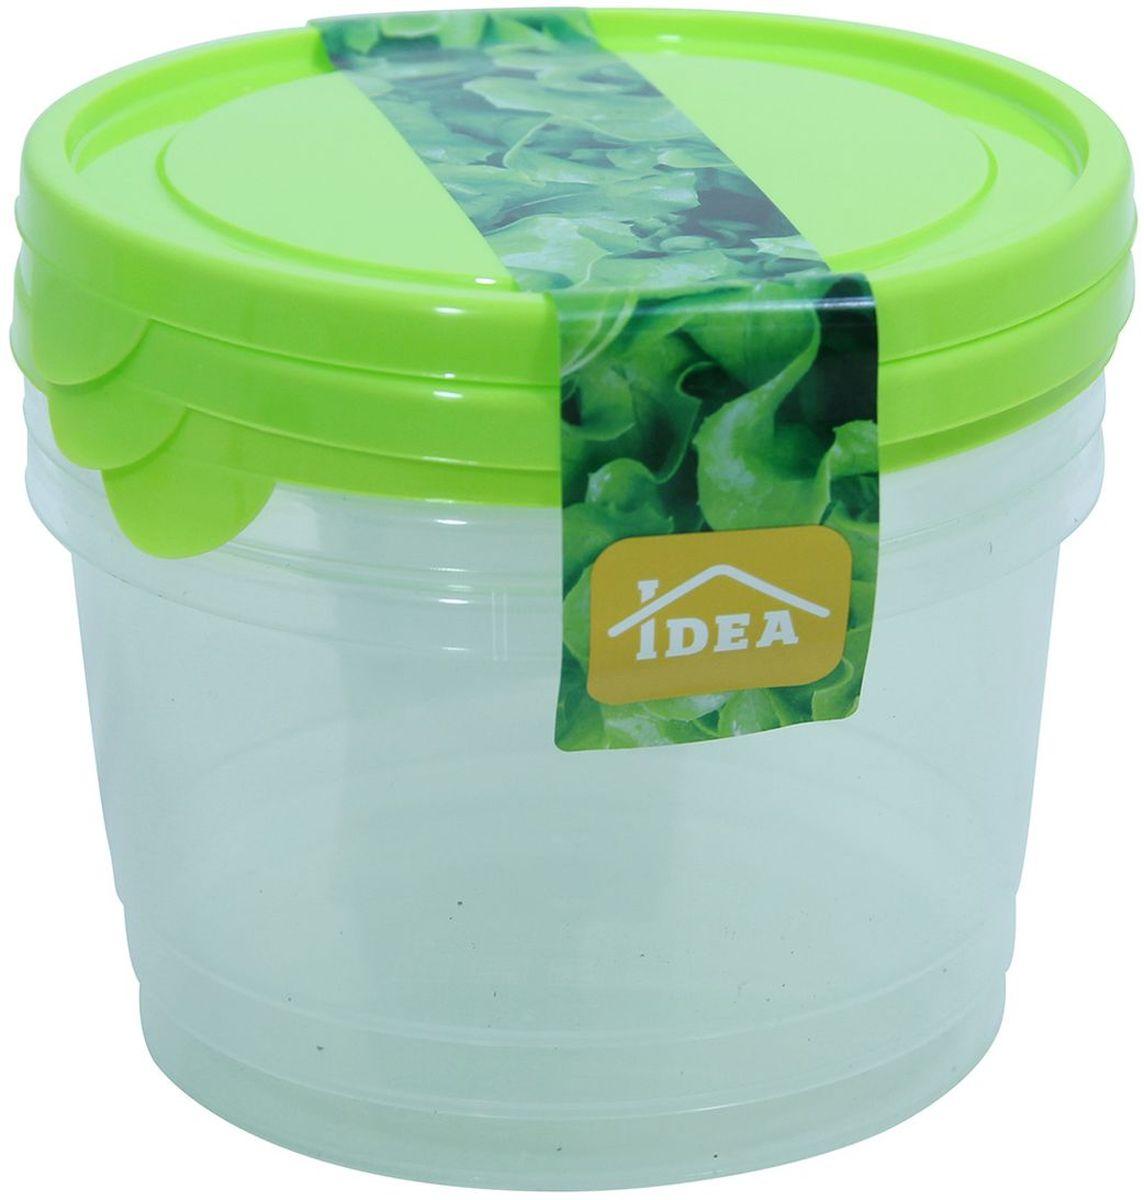 Набор контейнеров Idea, 750 мл, 3 шт набор контейнеров 3 шт comboez набор контейнеров 3 шт